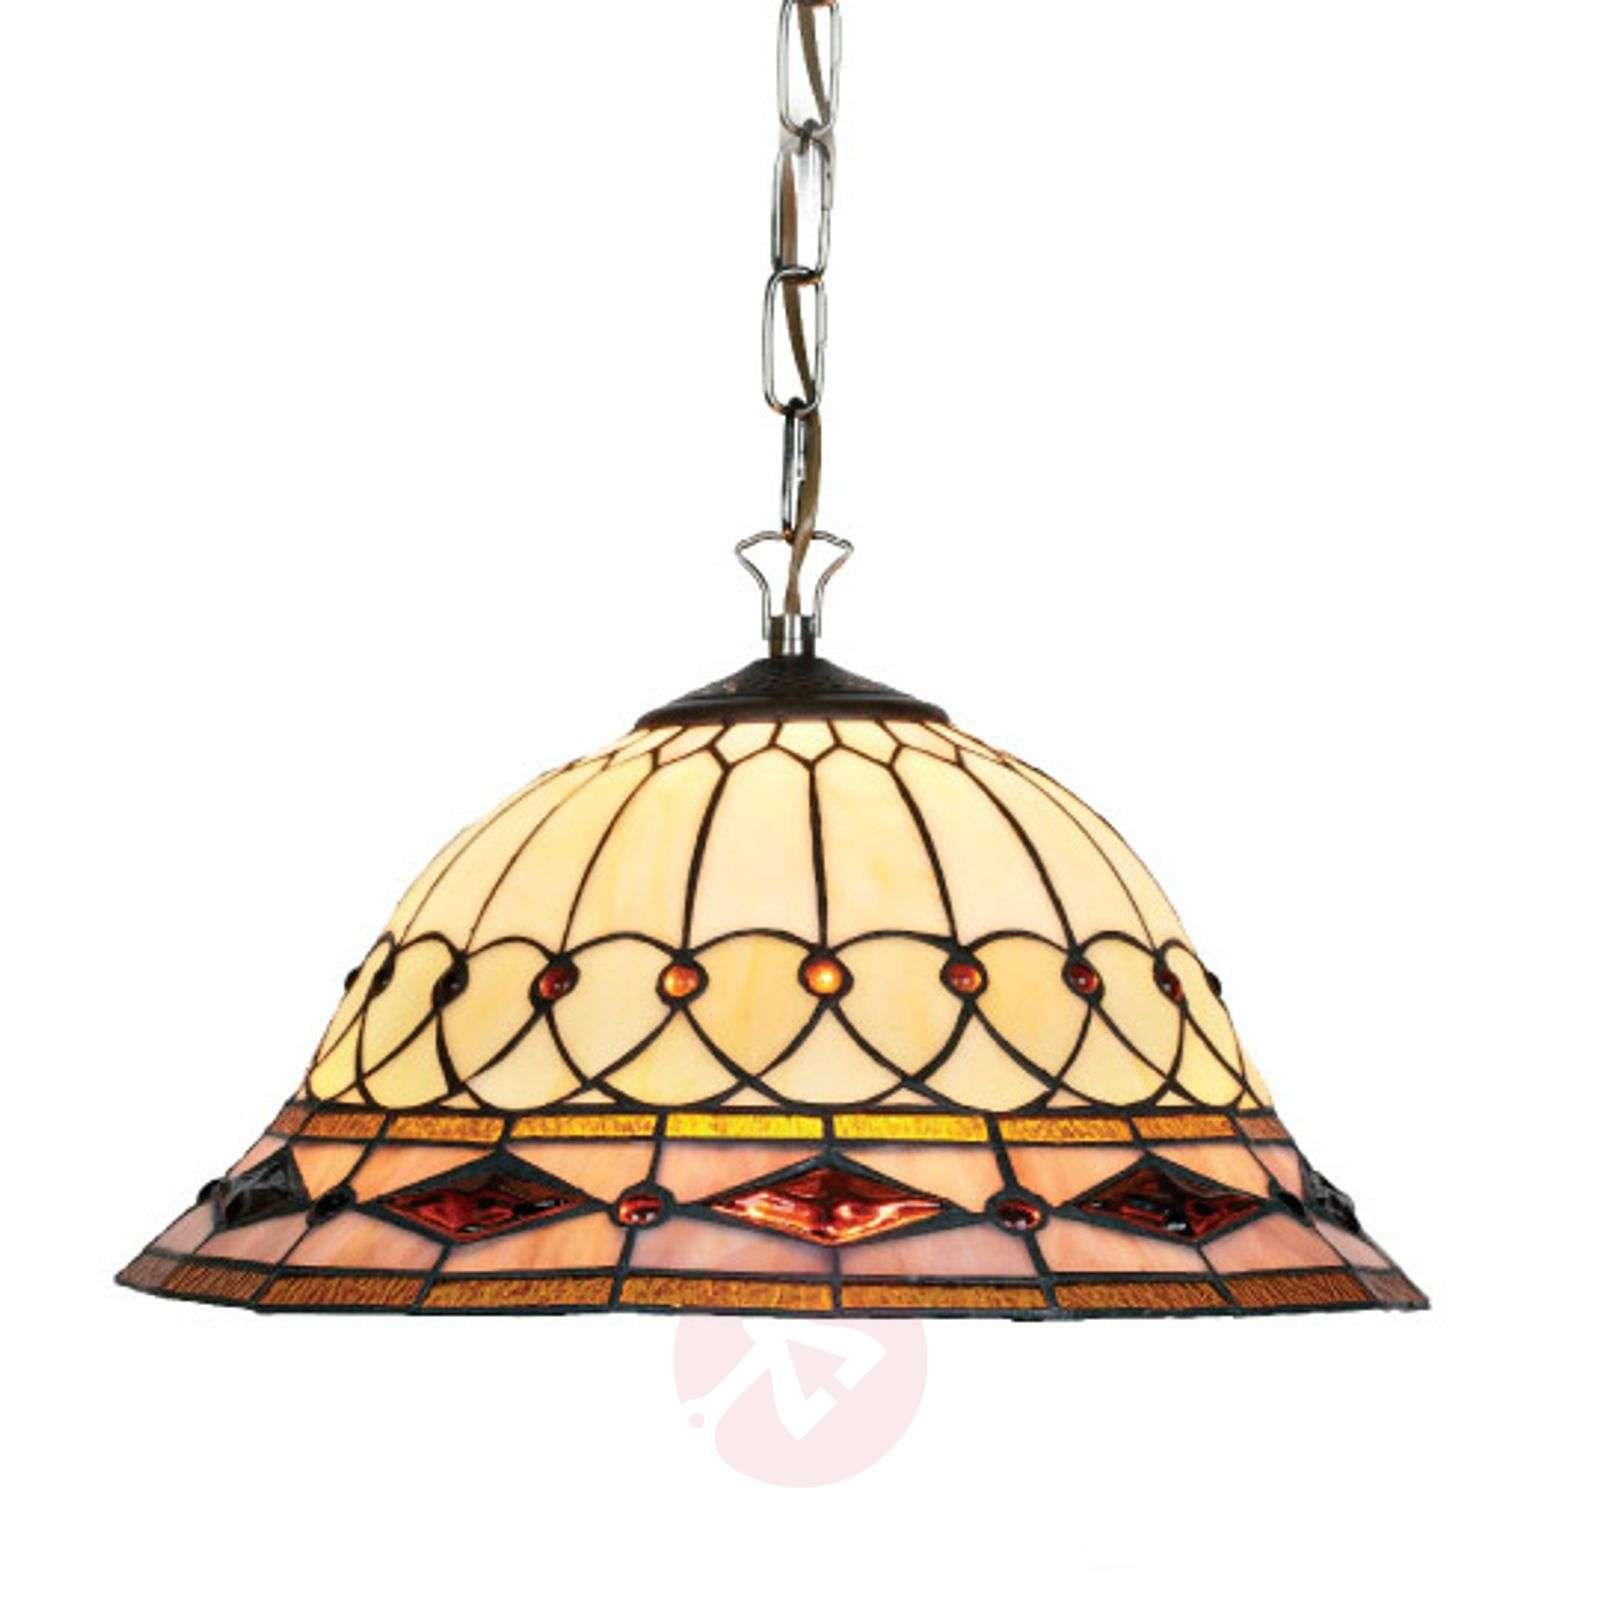 Kassandra-riippuvalaisin, 2-lamppuinen-1032113-01